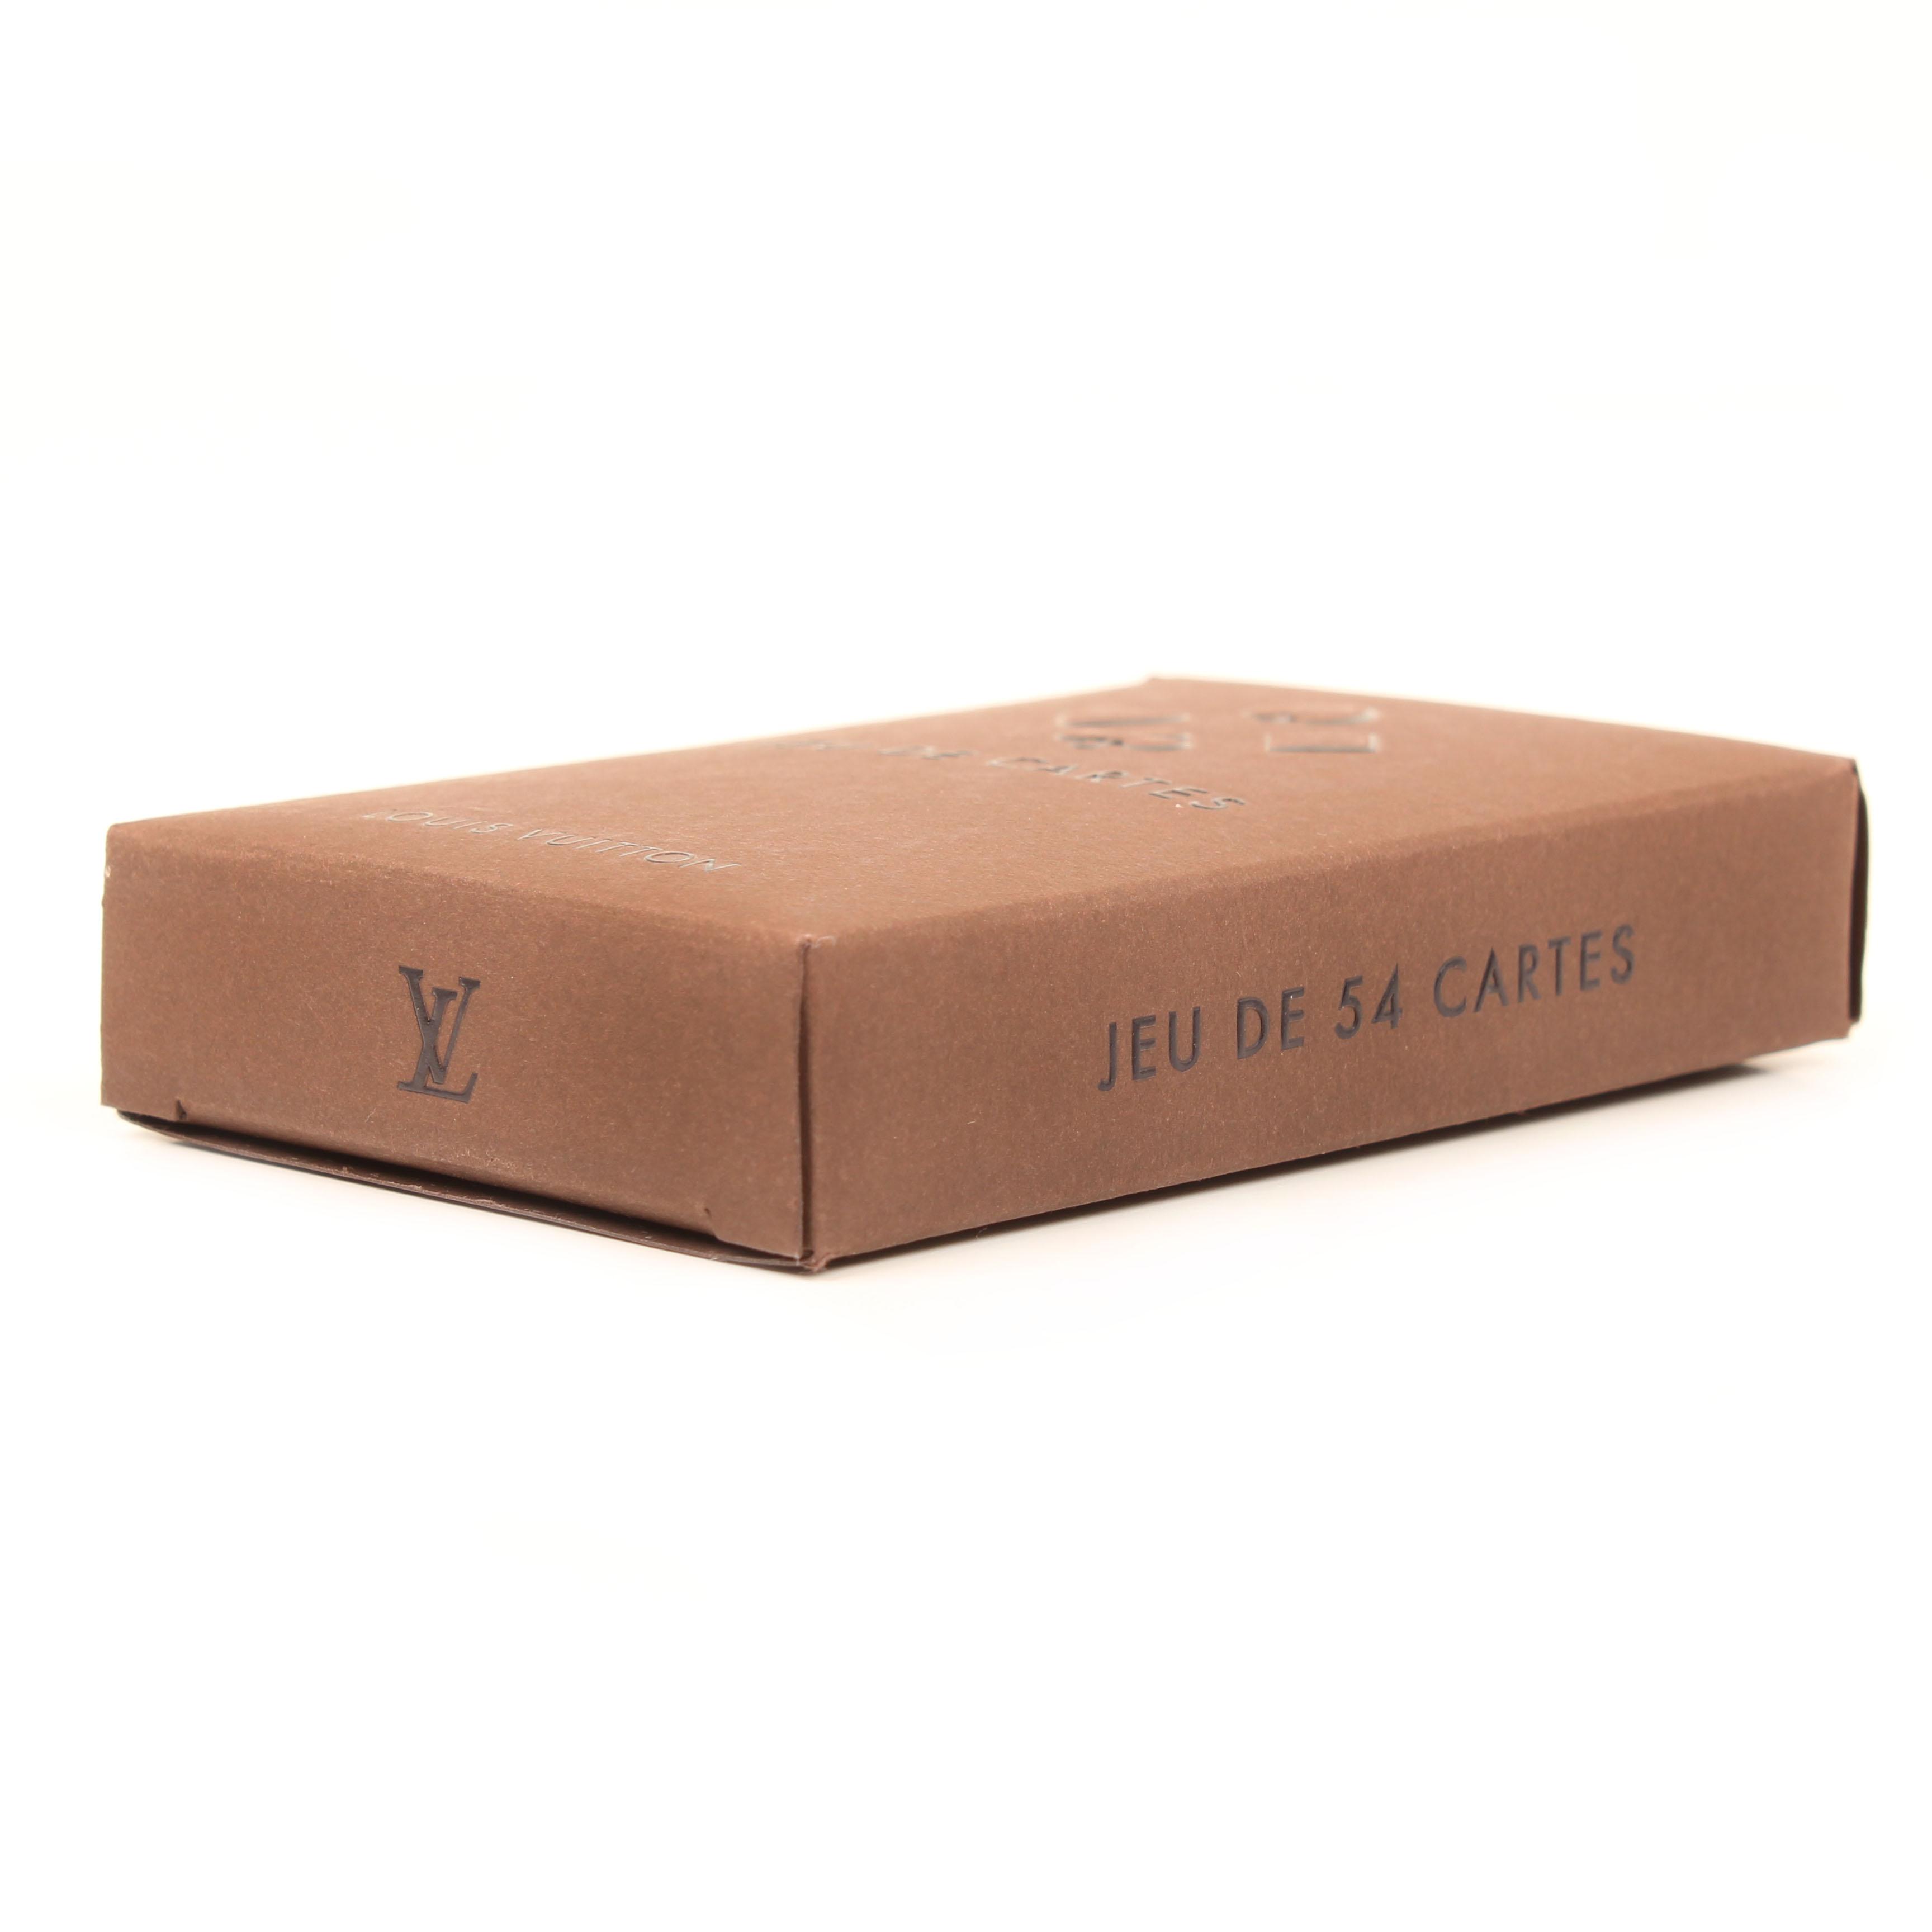 juego de cartas louis vuitton baraja francesa tres piezas caja lateral